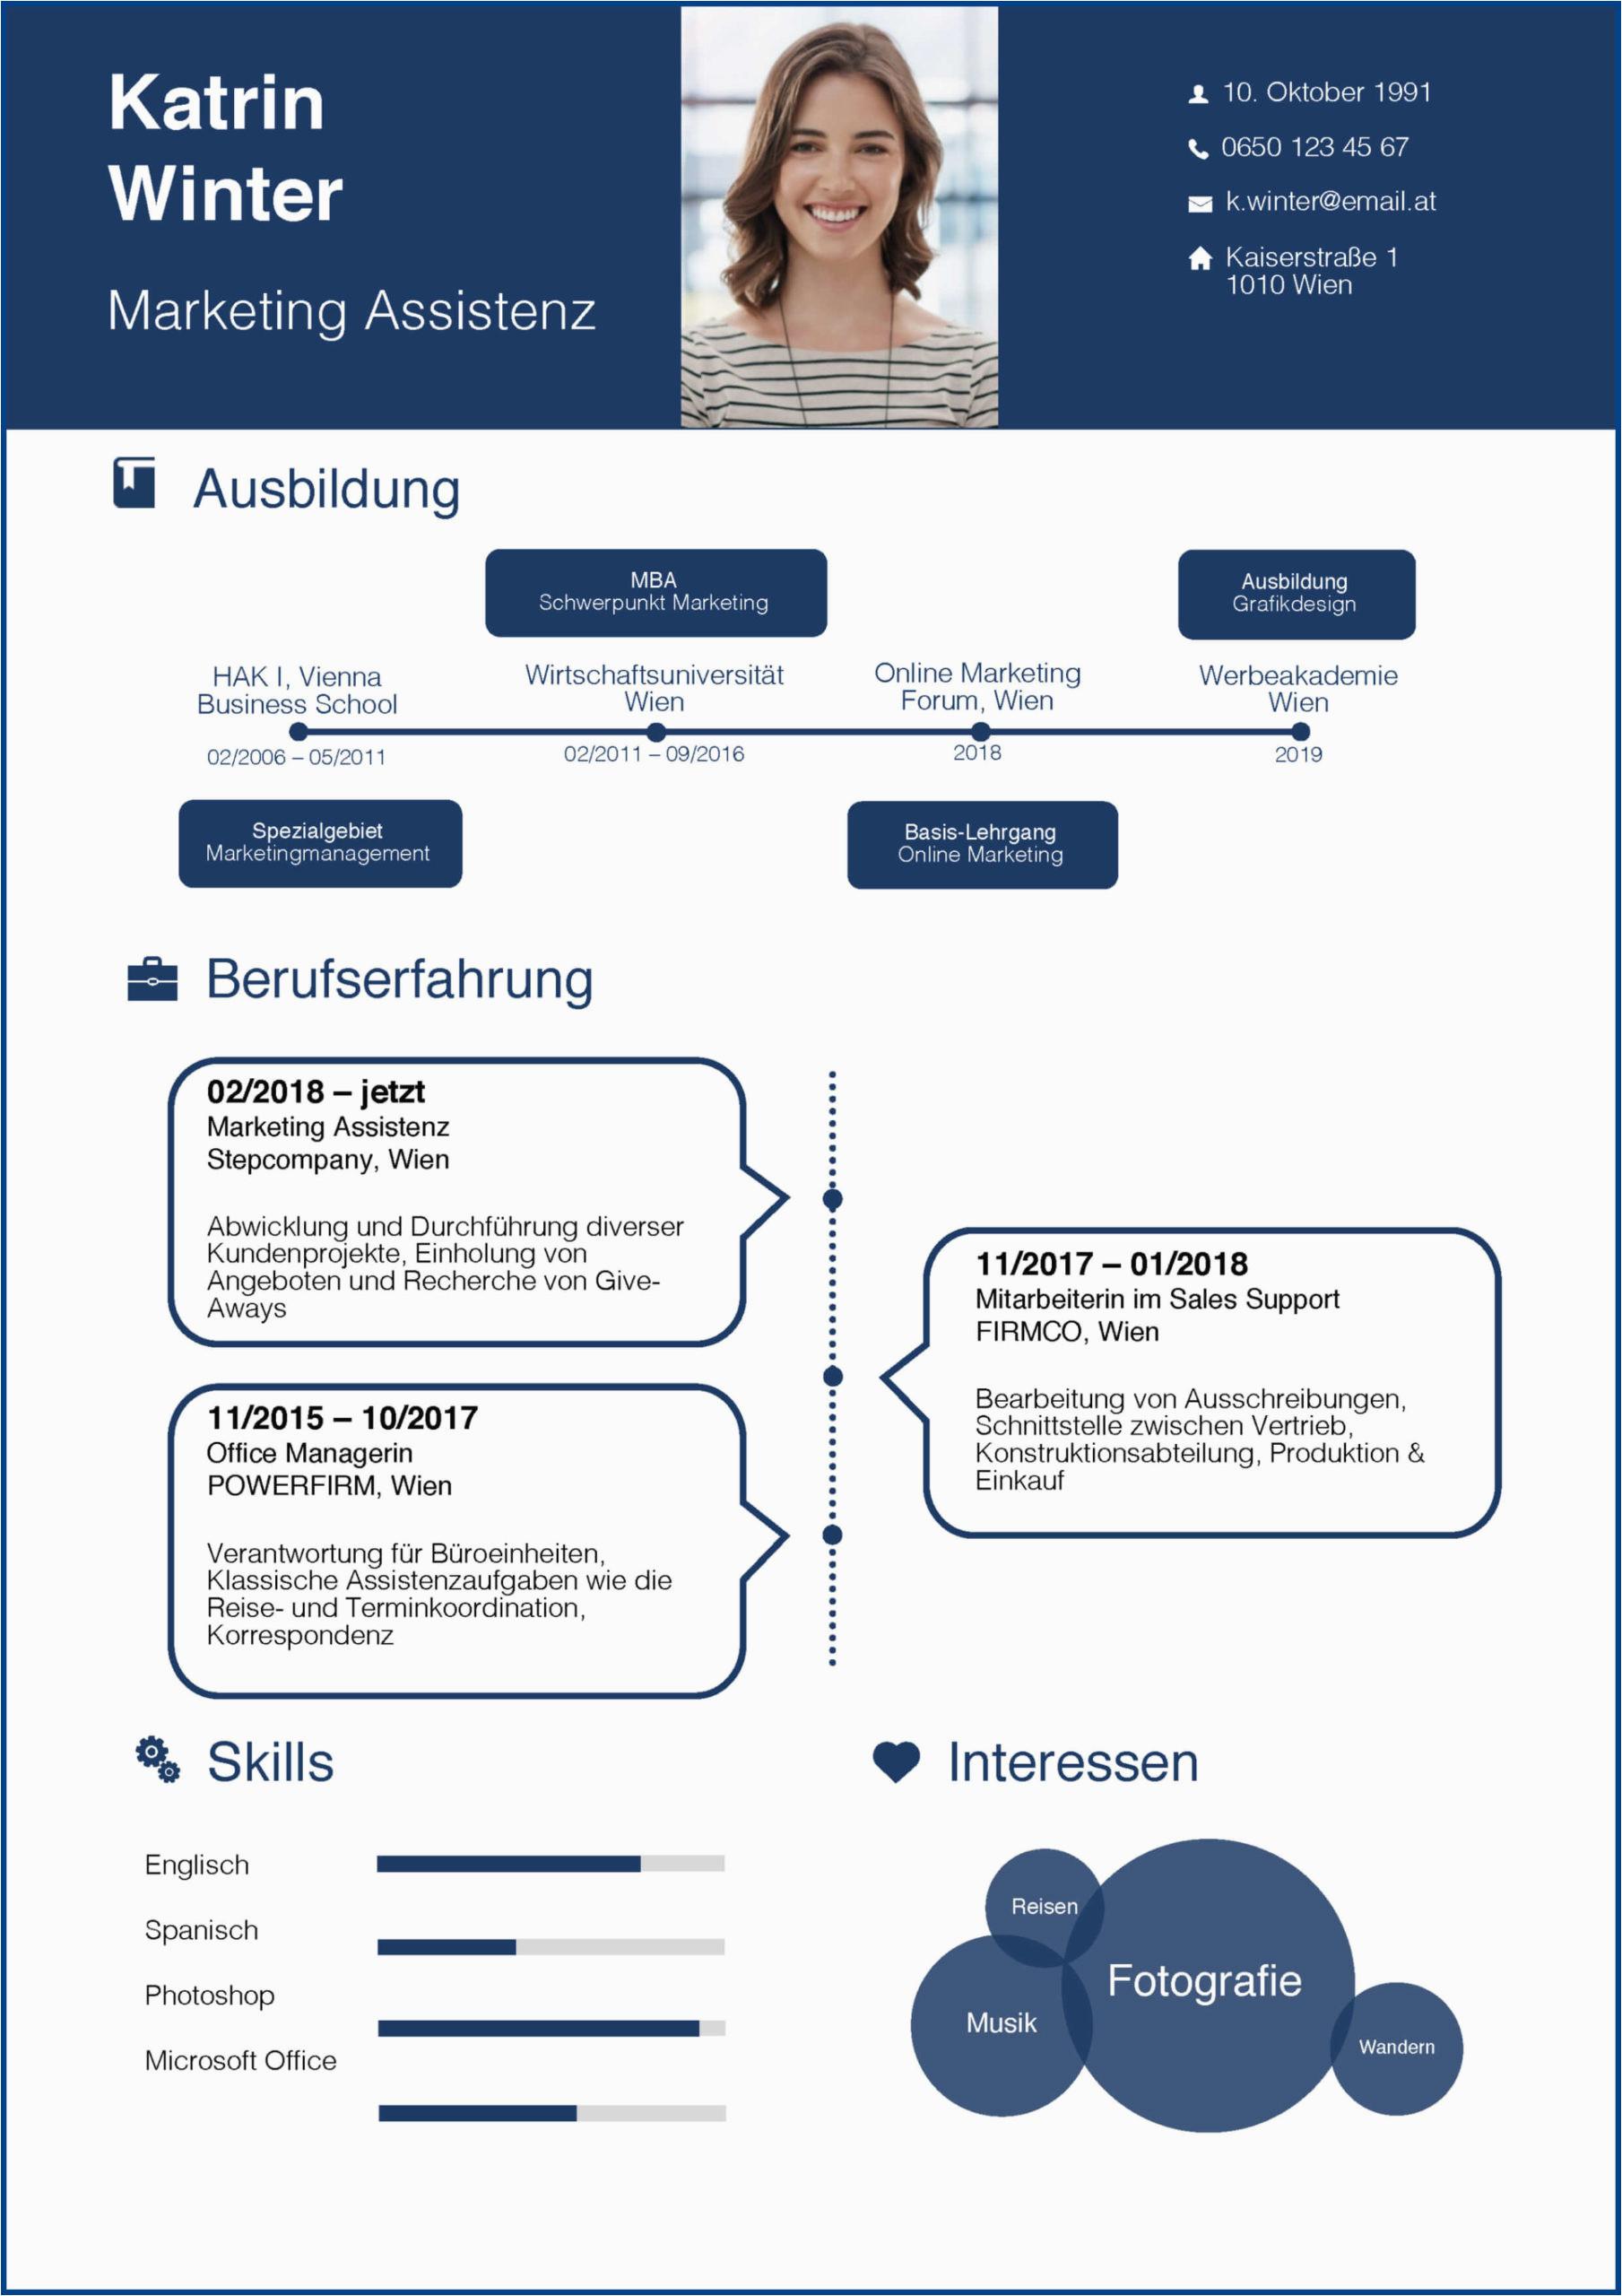 Lebenslauf Gestalten Powerpoint Der Perfekte Lebenslauf Aufbau Tipps Und Vorlagen